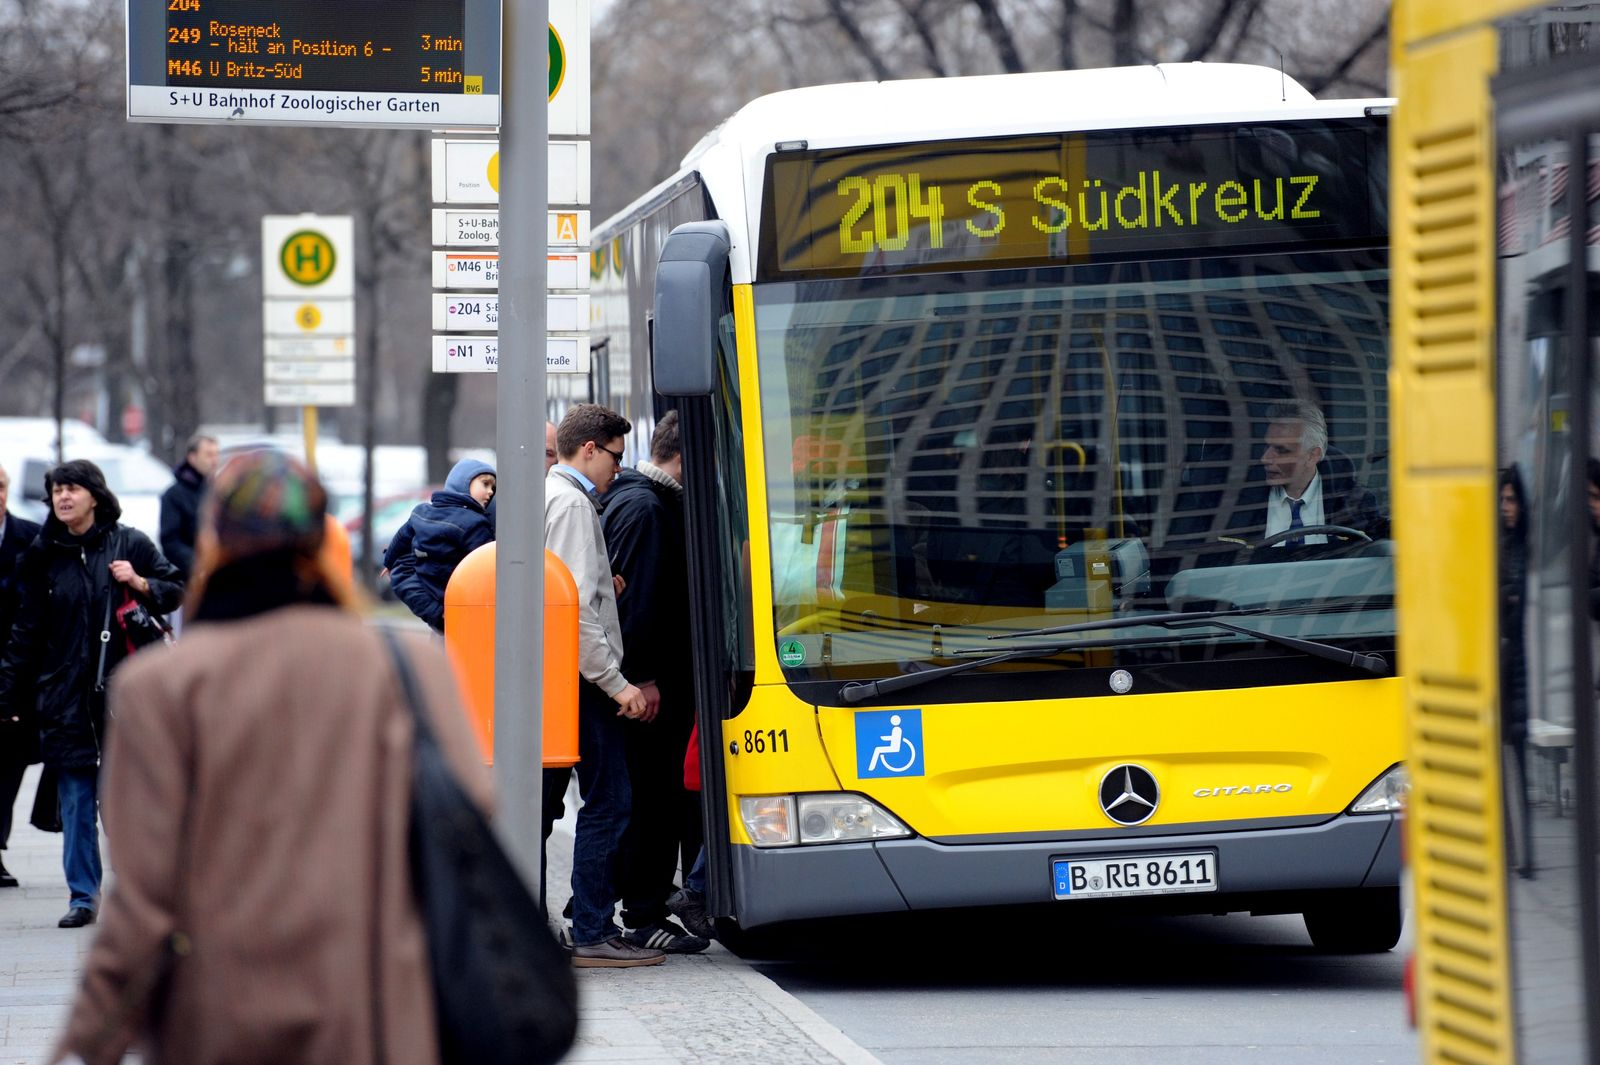 NUR FÜR SPAM Höhere Fahrpreise für Bus und Bahn